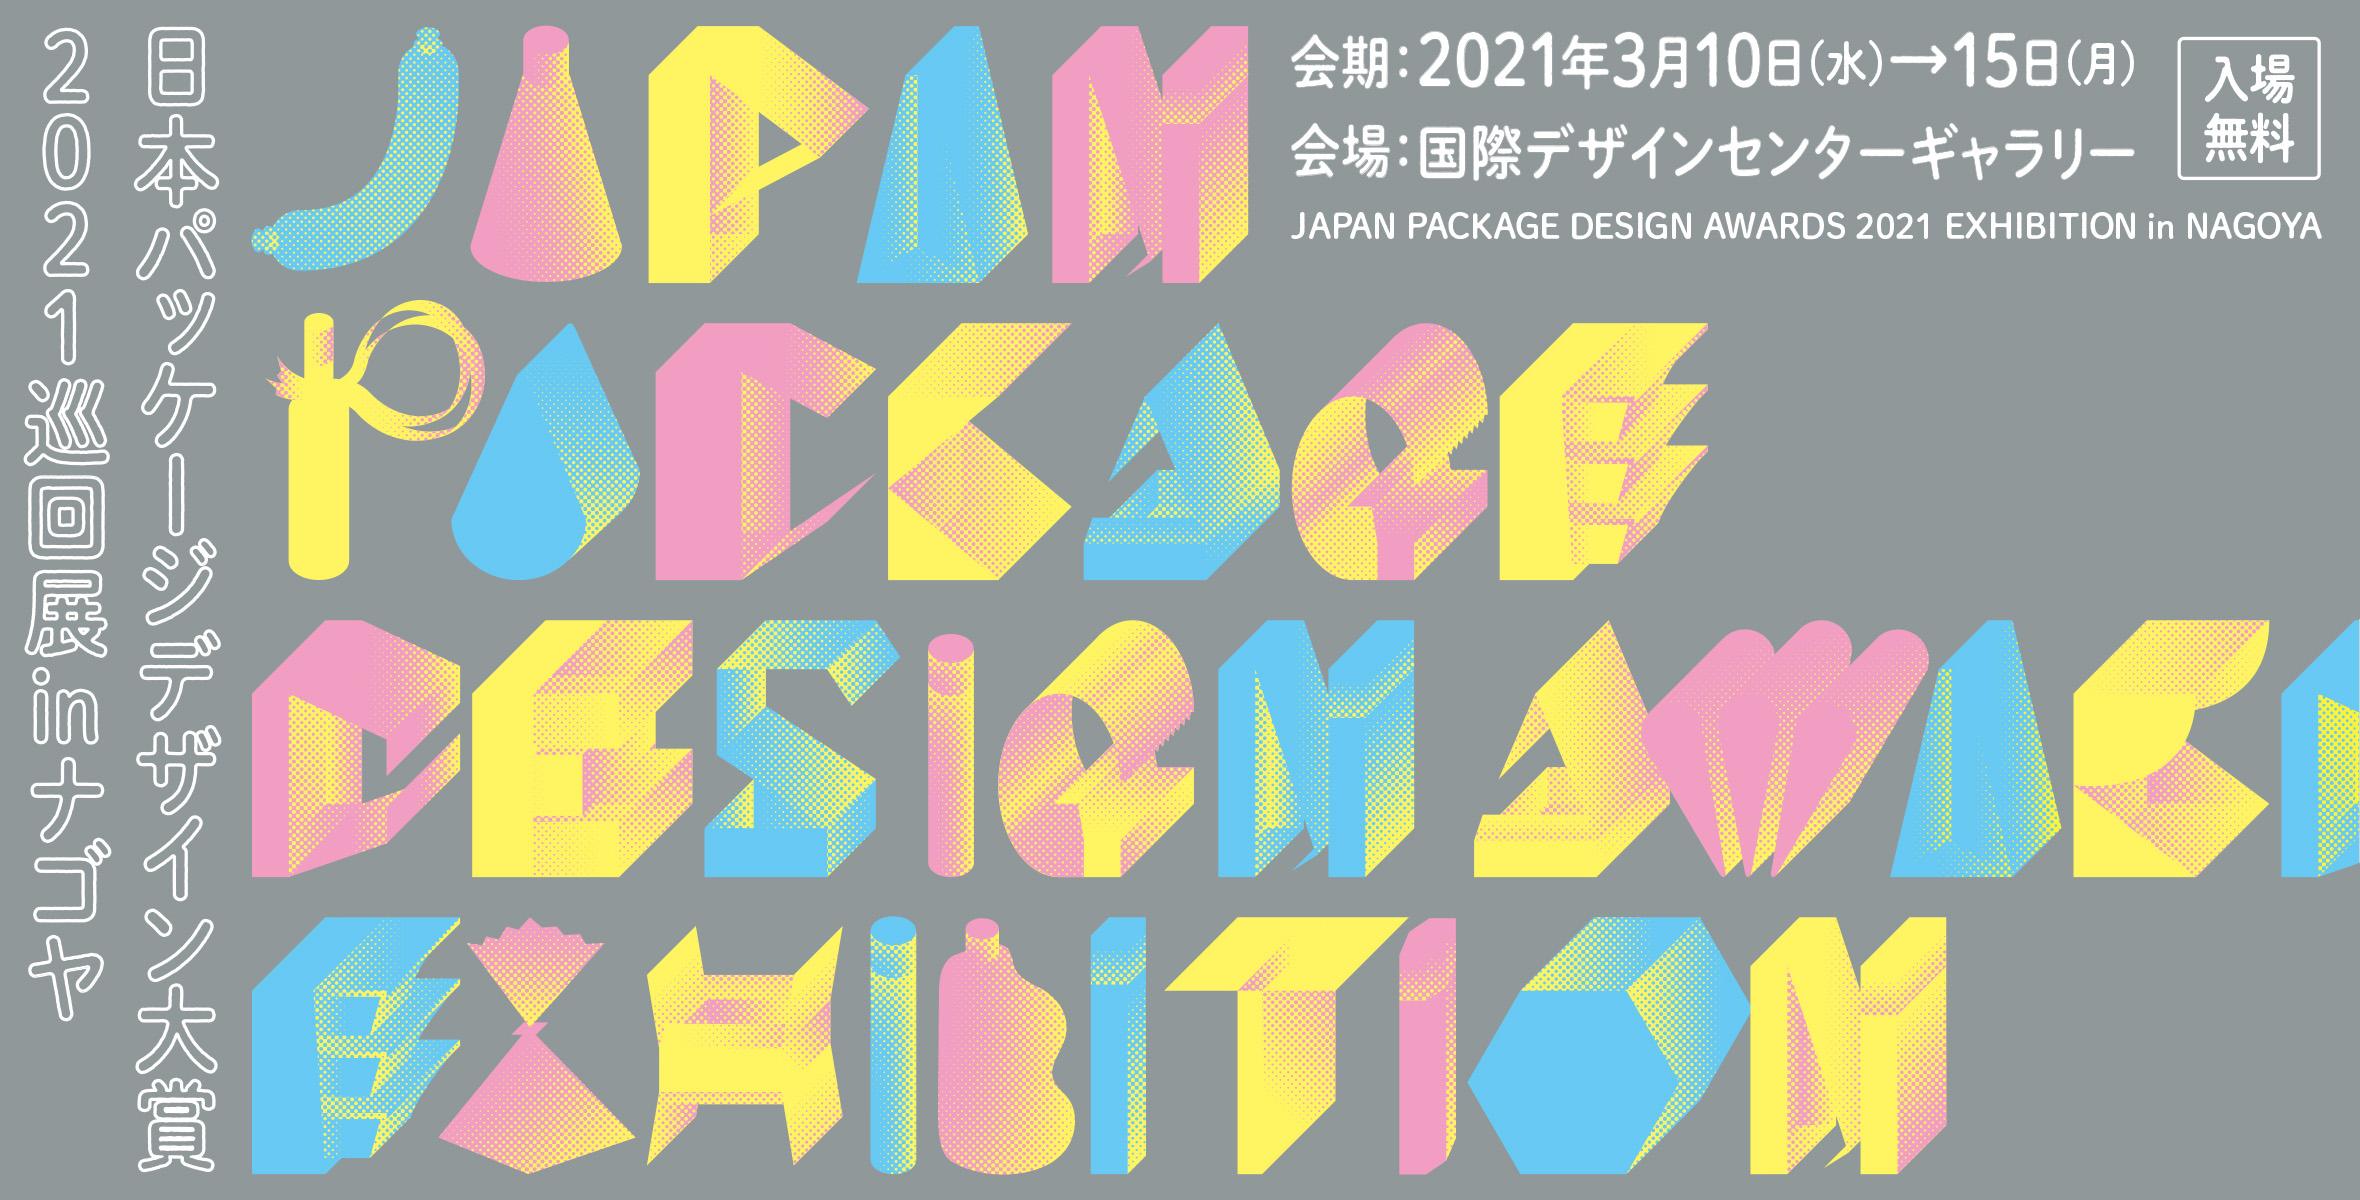 日本パッケージデザイン大賞2021巡回展 inナゴヤのイメージ